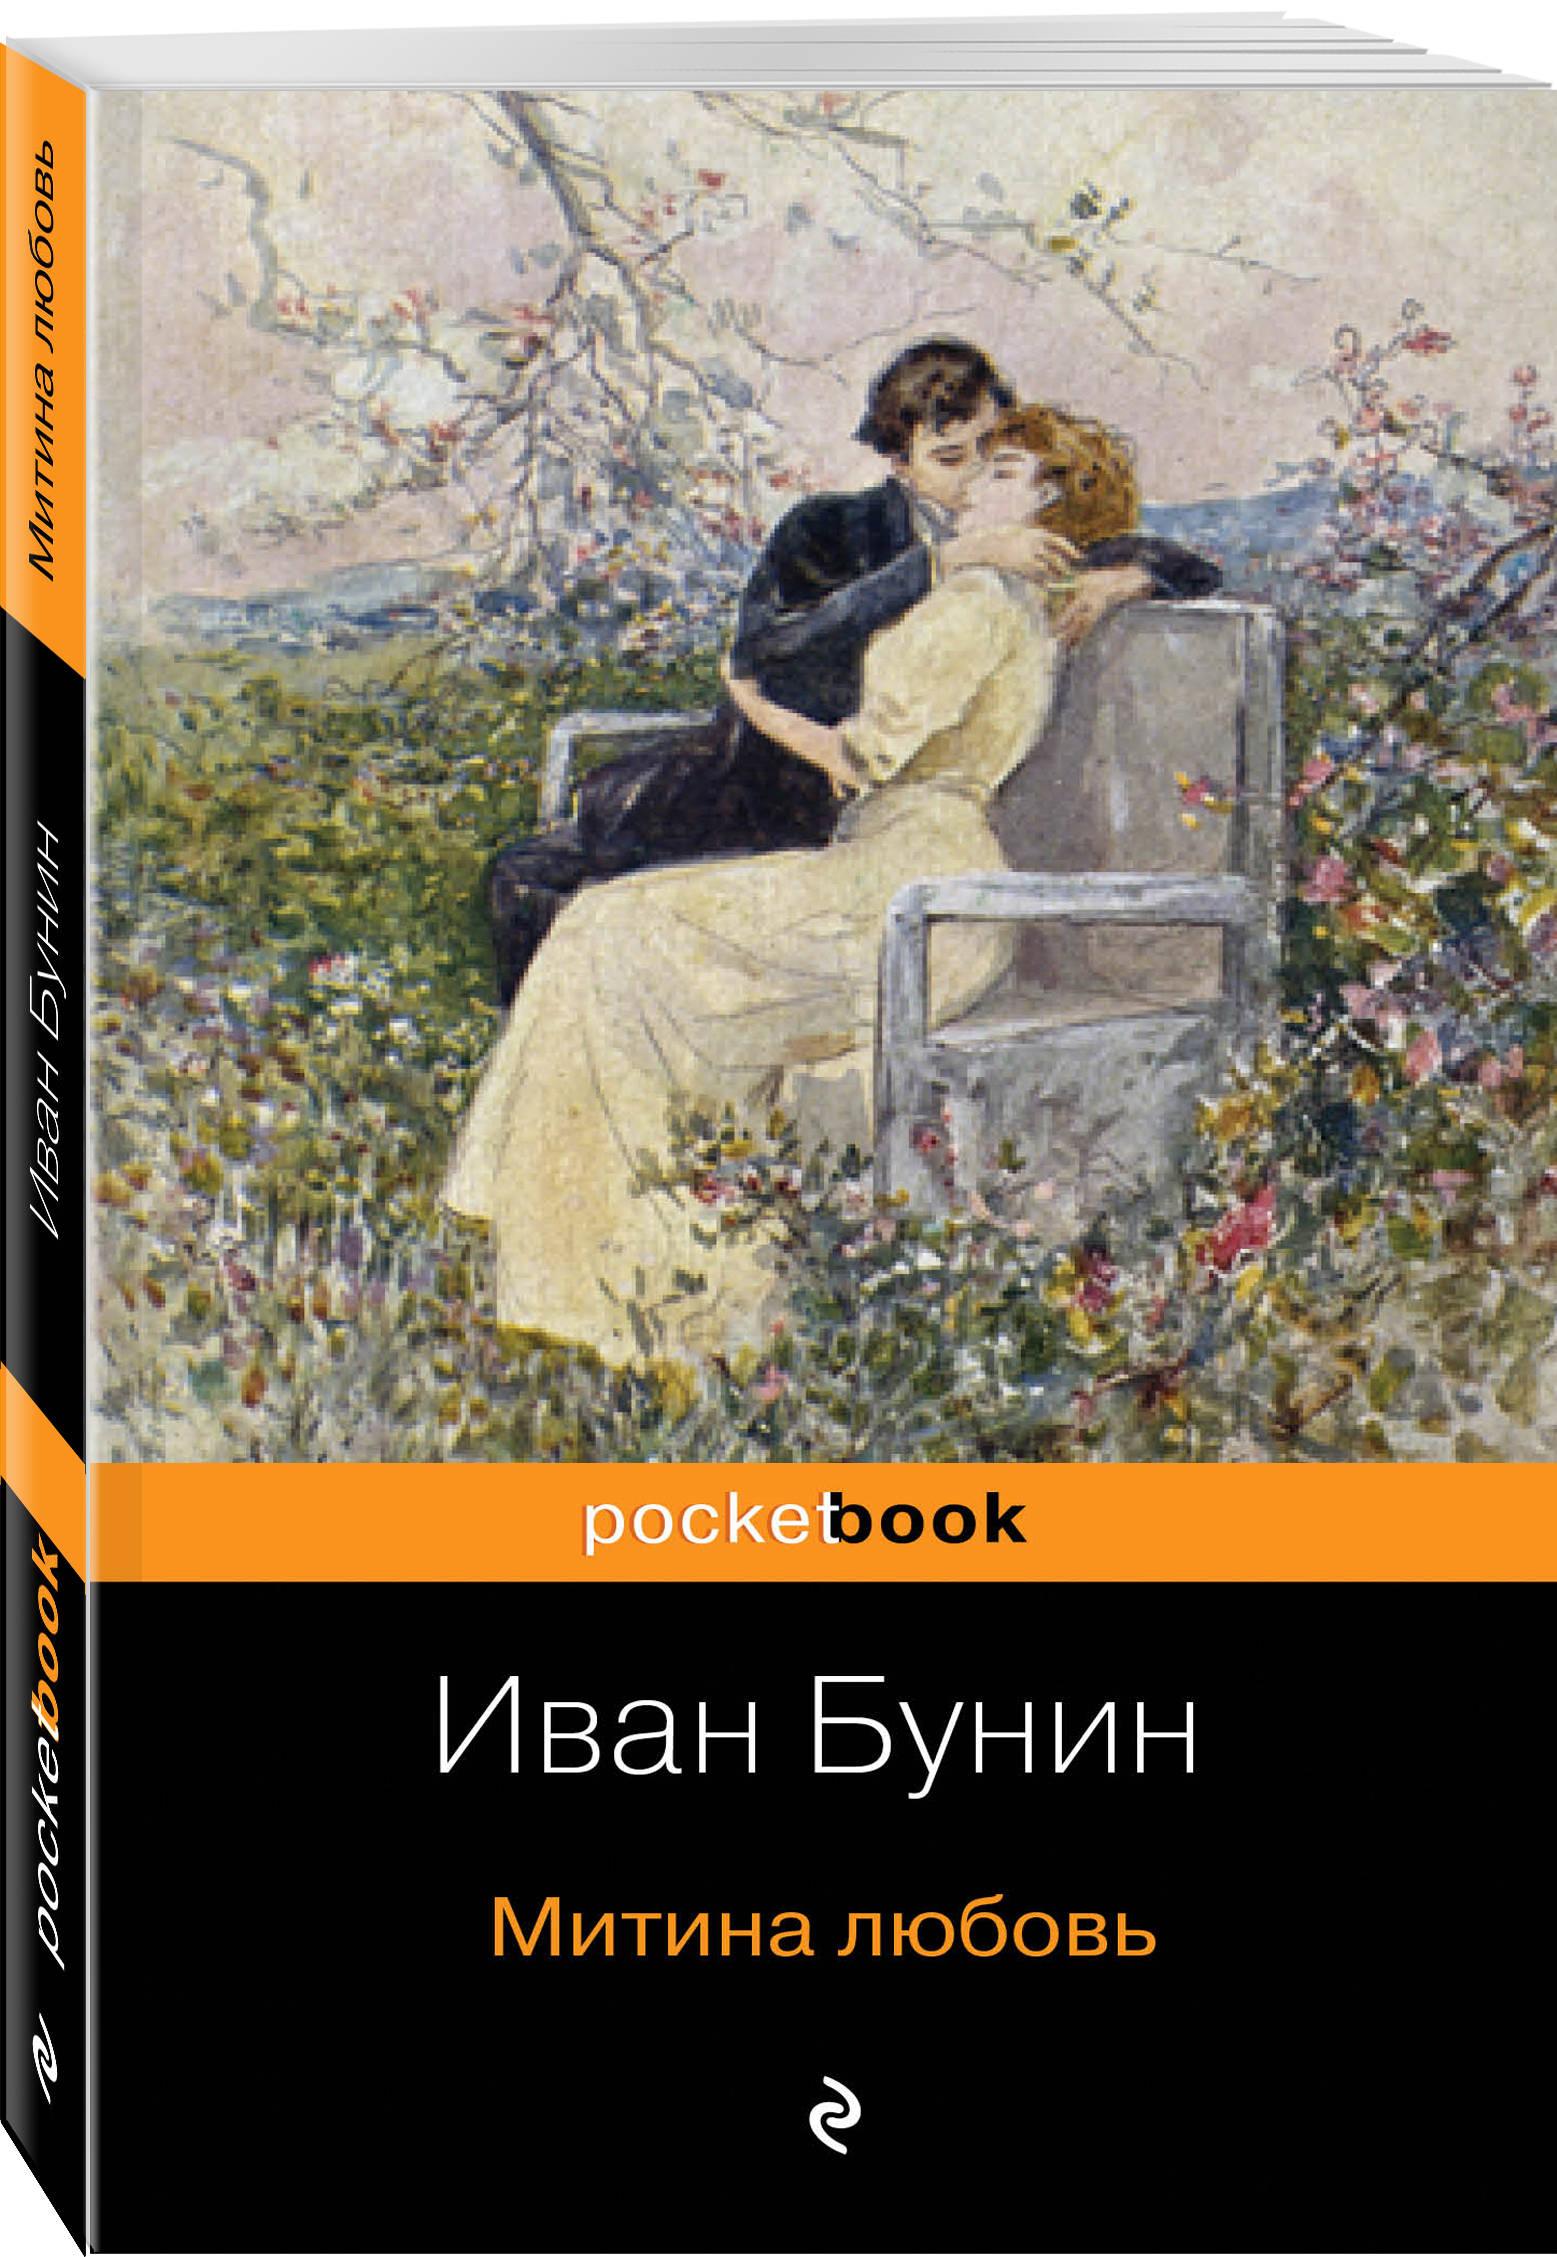 Иван Бунин Митина любовь иван бунин грехи любви радиокомпозиция по рассказам